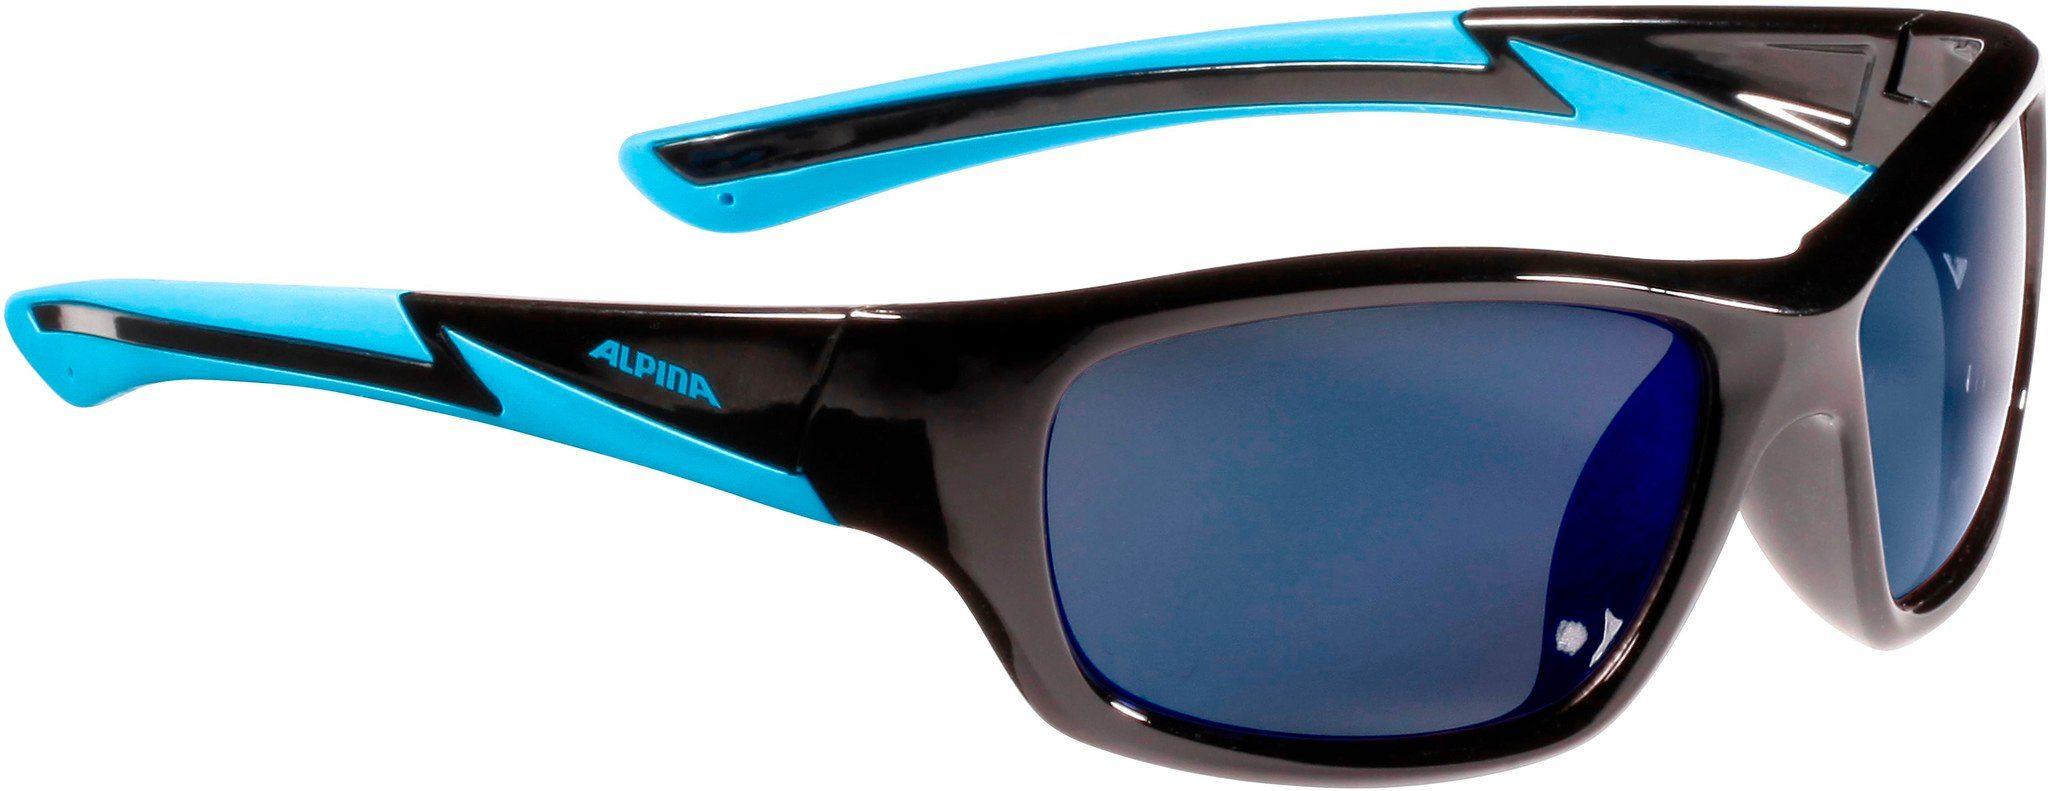 Alpina Sportbrille »Flexxy Youth Glasses«